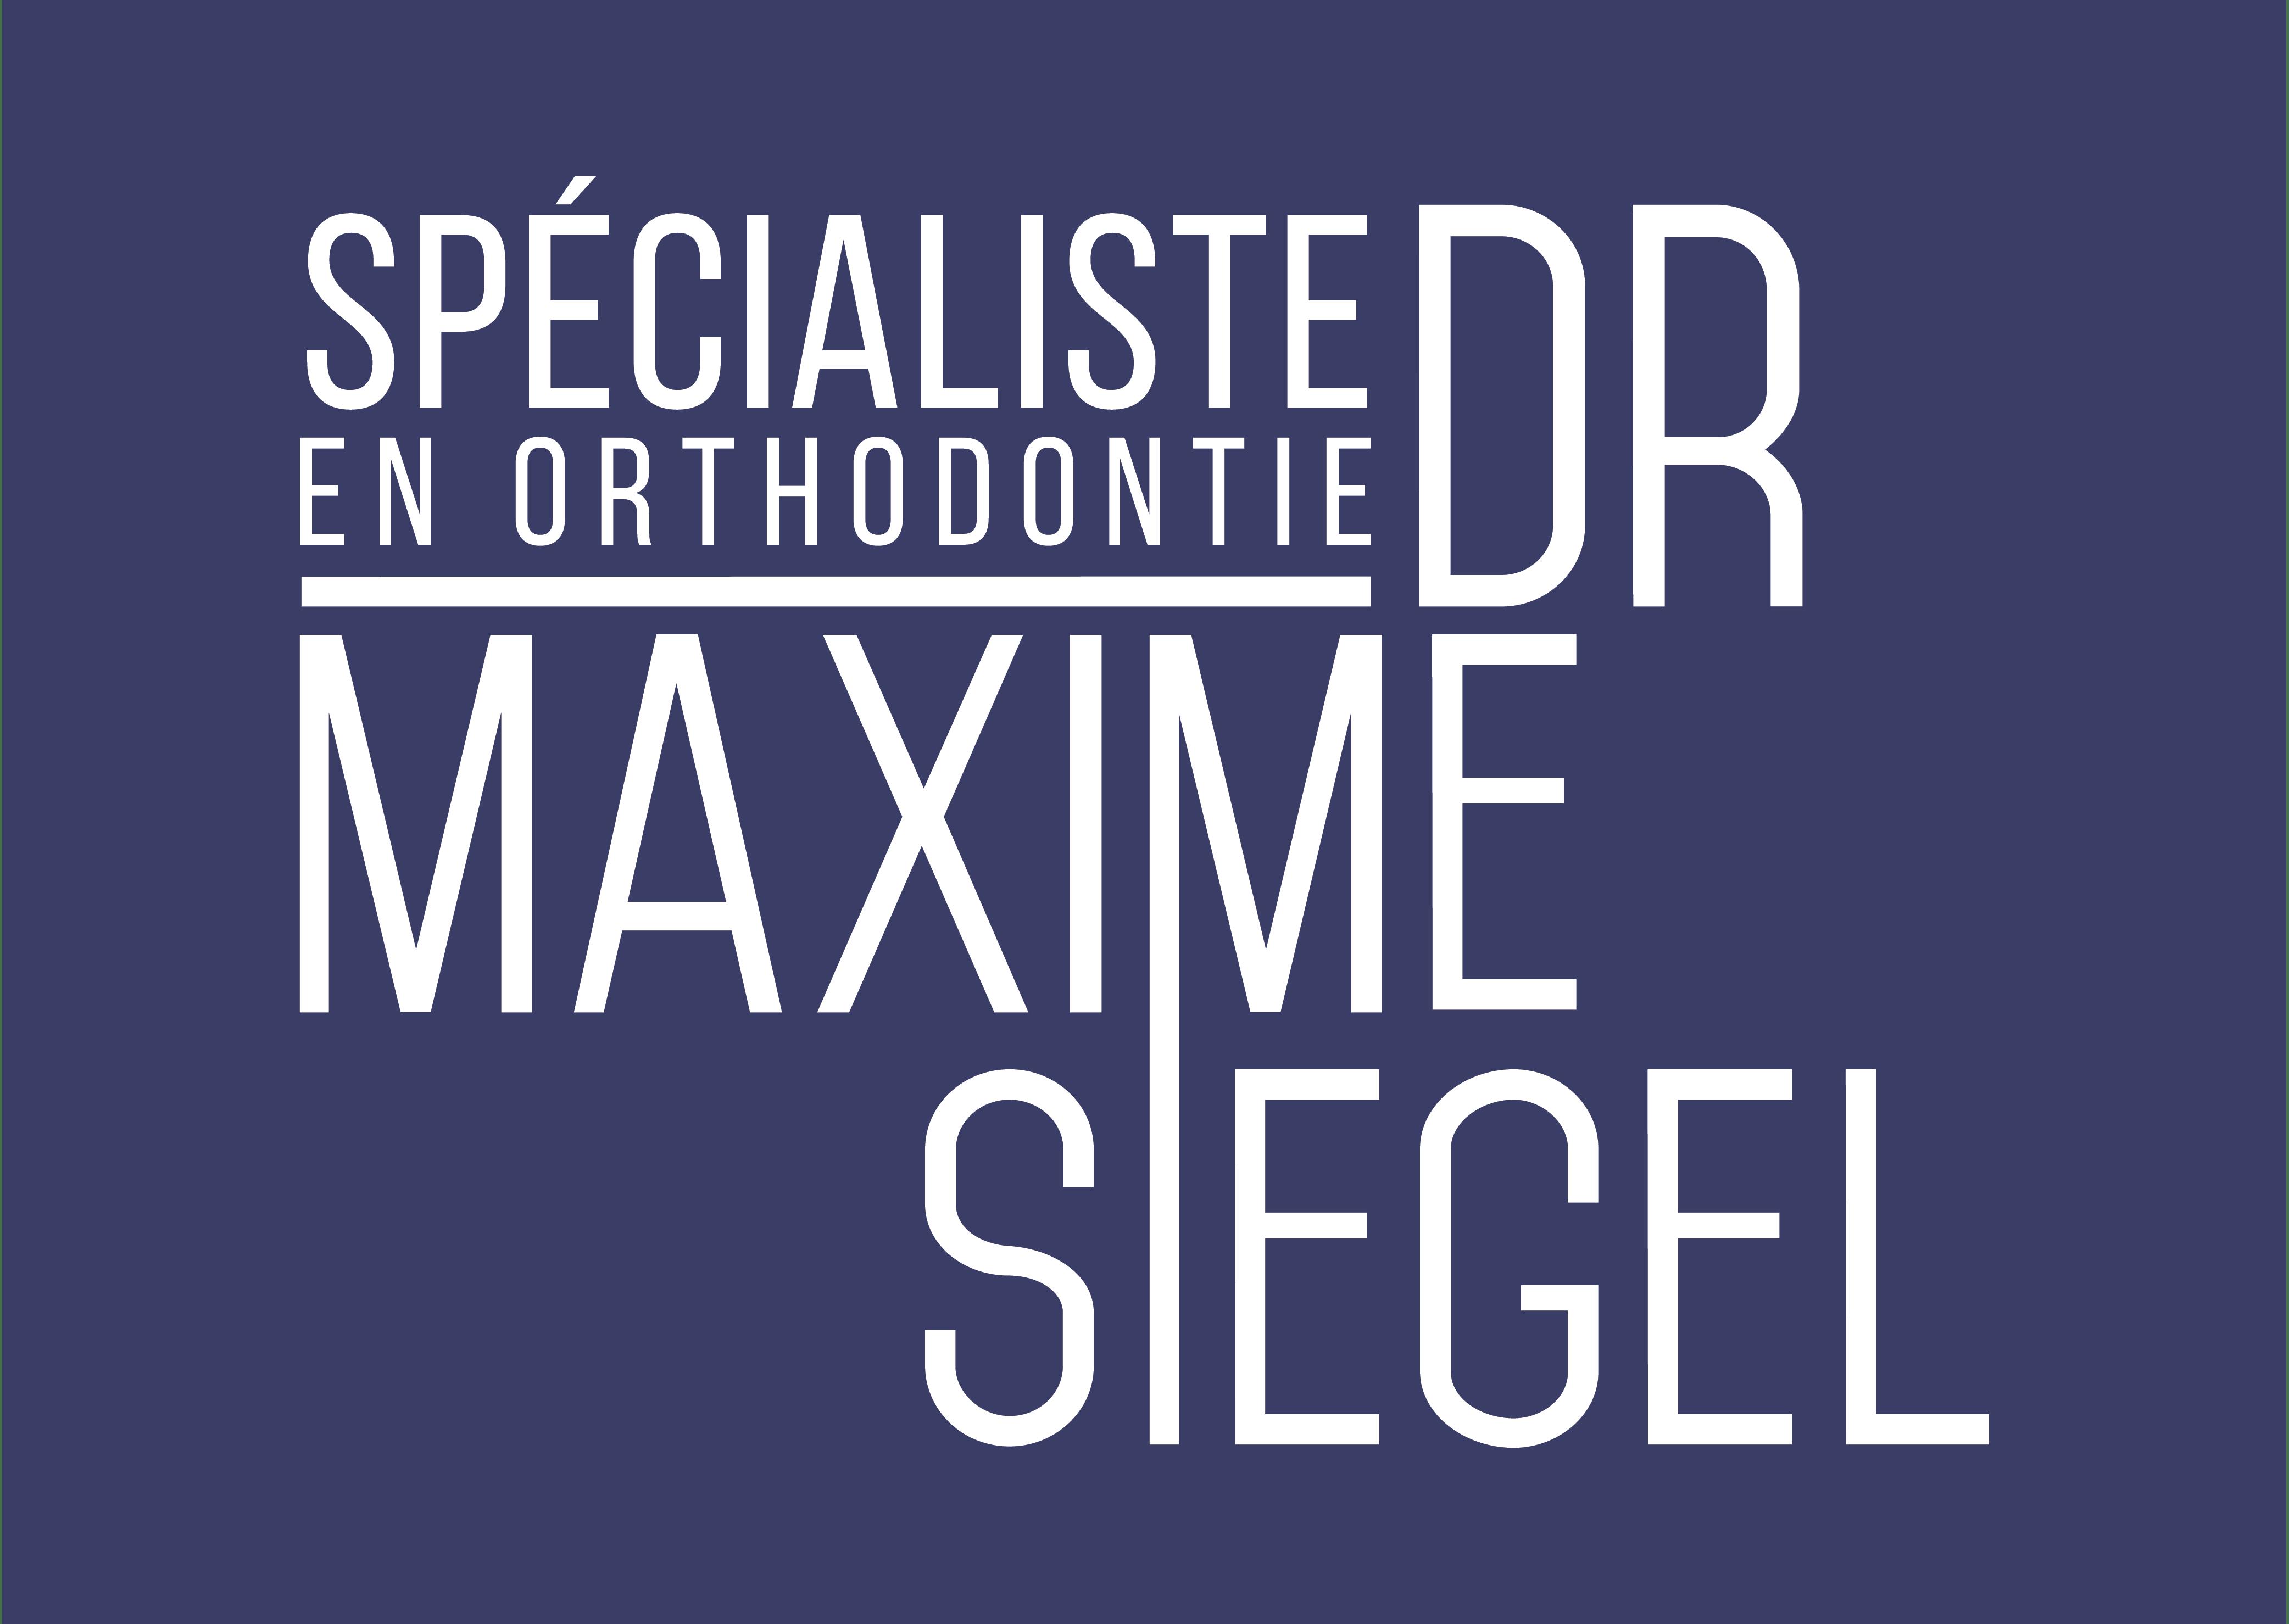 DRs Schneider & Siegel